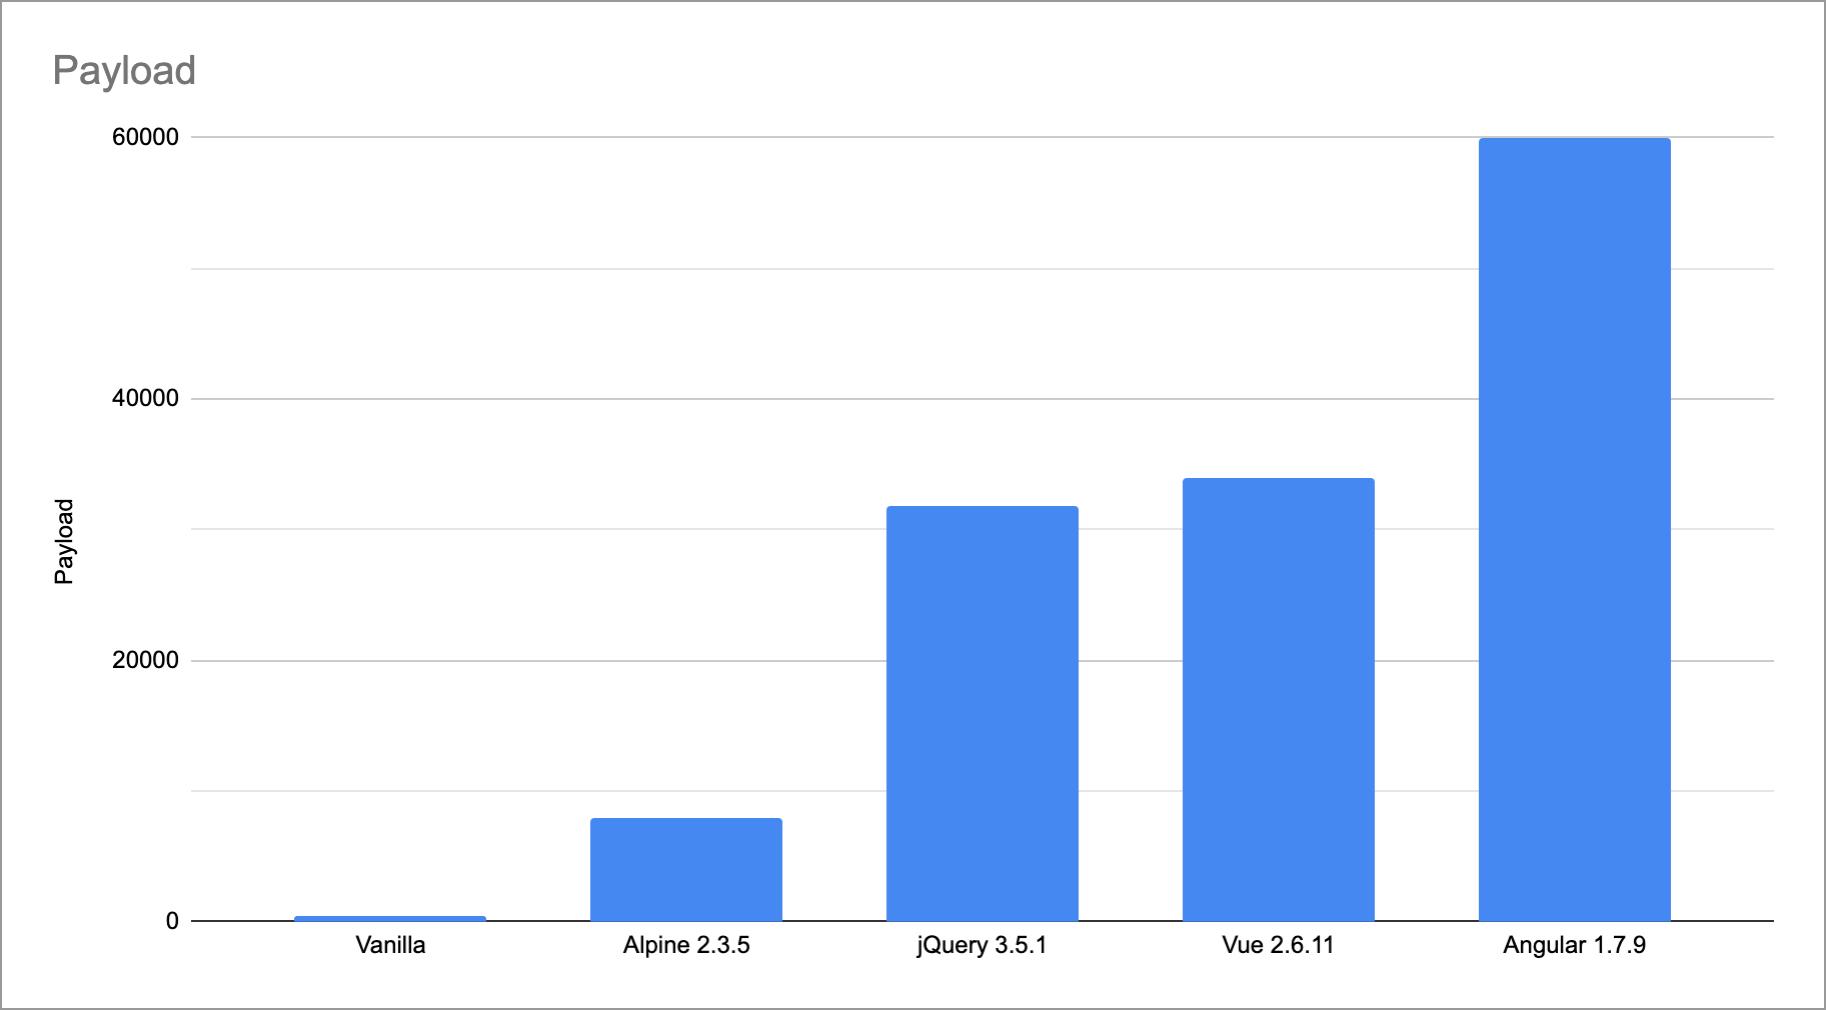 JavaScript kütüphanelerinin boyutları (byte)